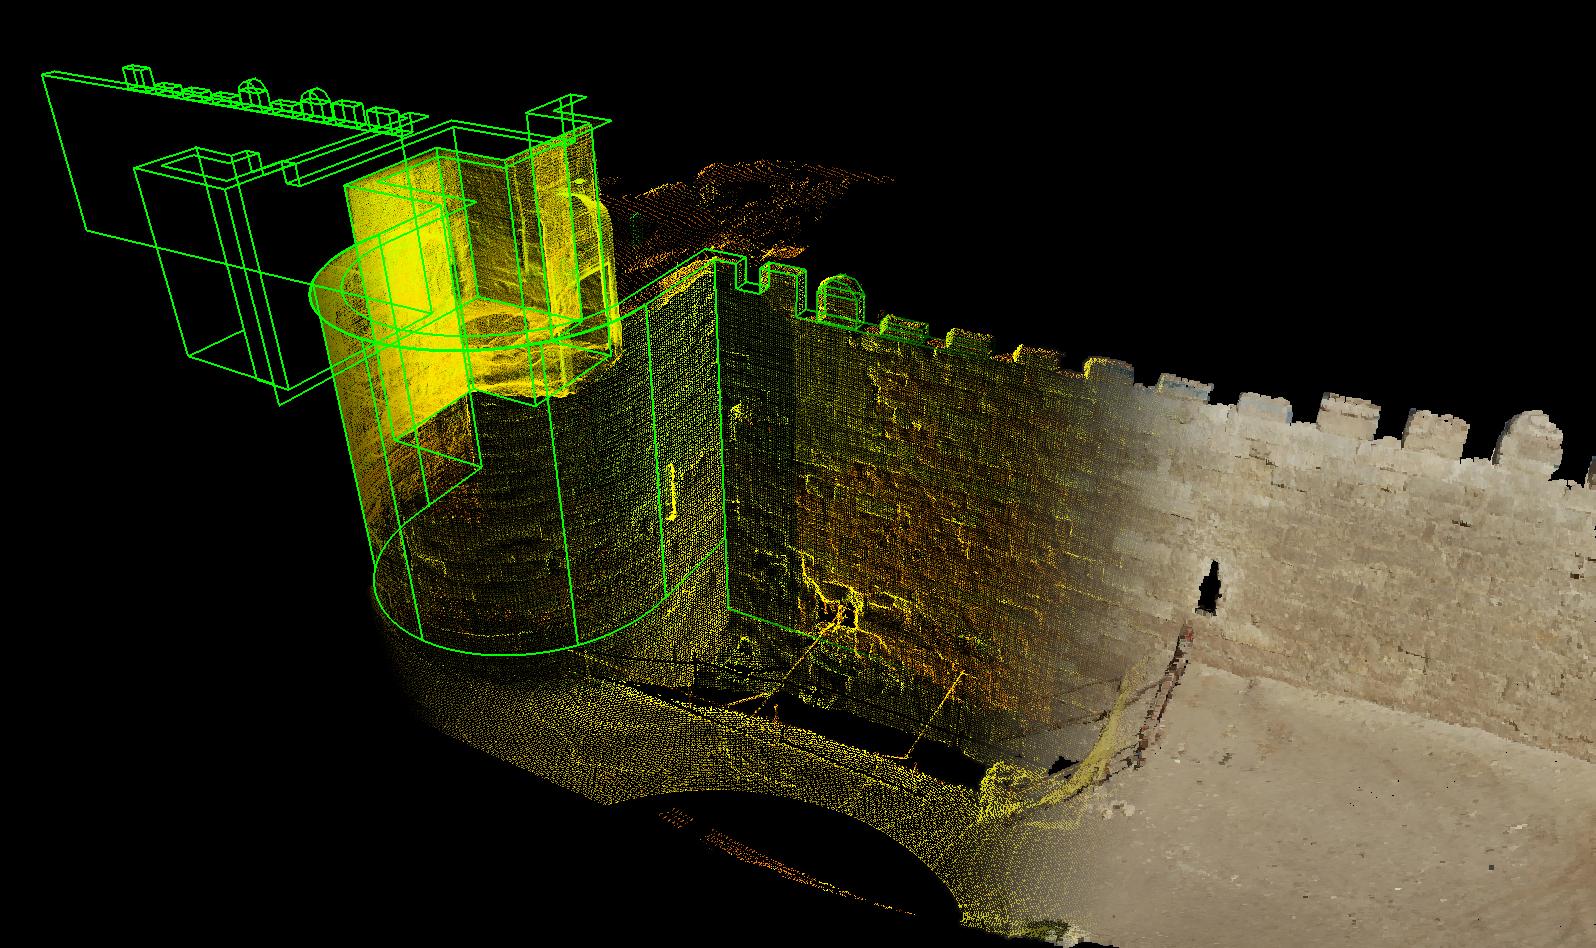 Reconstitution isométrique auscanner tridimensionnelde la grande porte de Bab al-Barqiyya à al-Qahira (Le Caire) sur les remparts desAyyoubides(xiiesiècle). Cette porte fortifiée comprend plusieurs enceintes enchâssées les unes dans les autres afin d'assurer une sécurité très supérieure aux autres citadelles de l'époque.